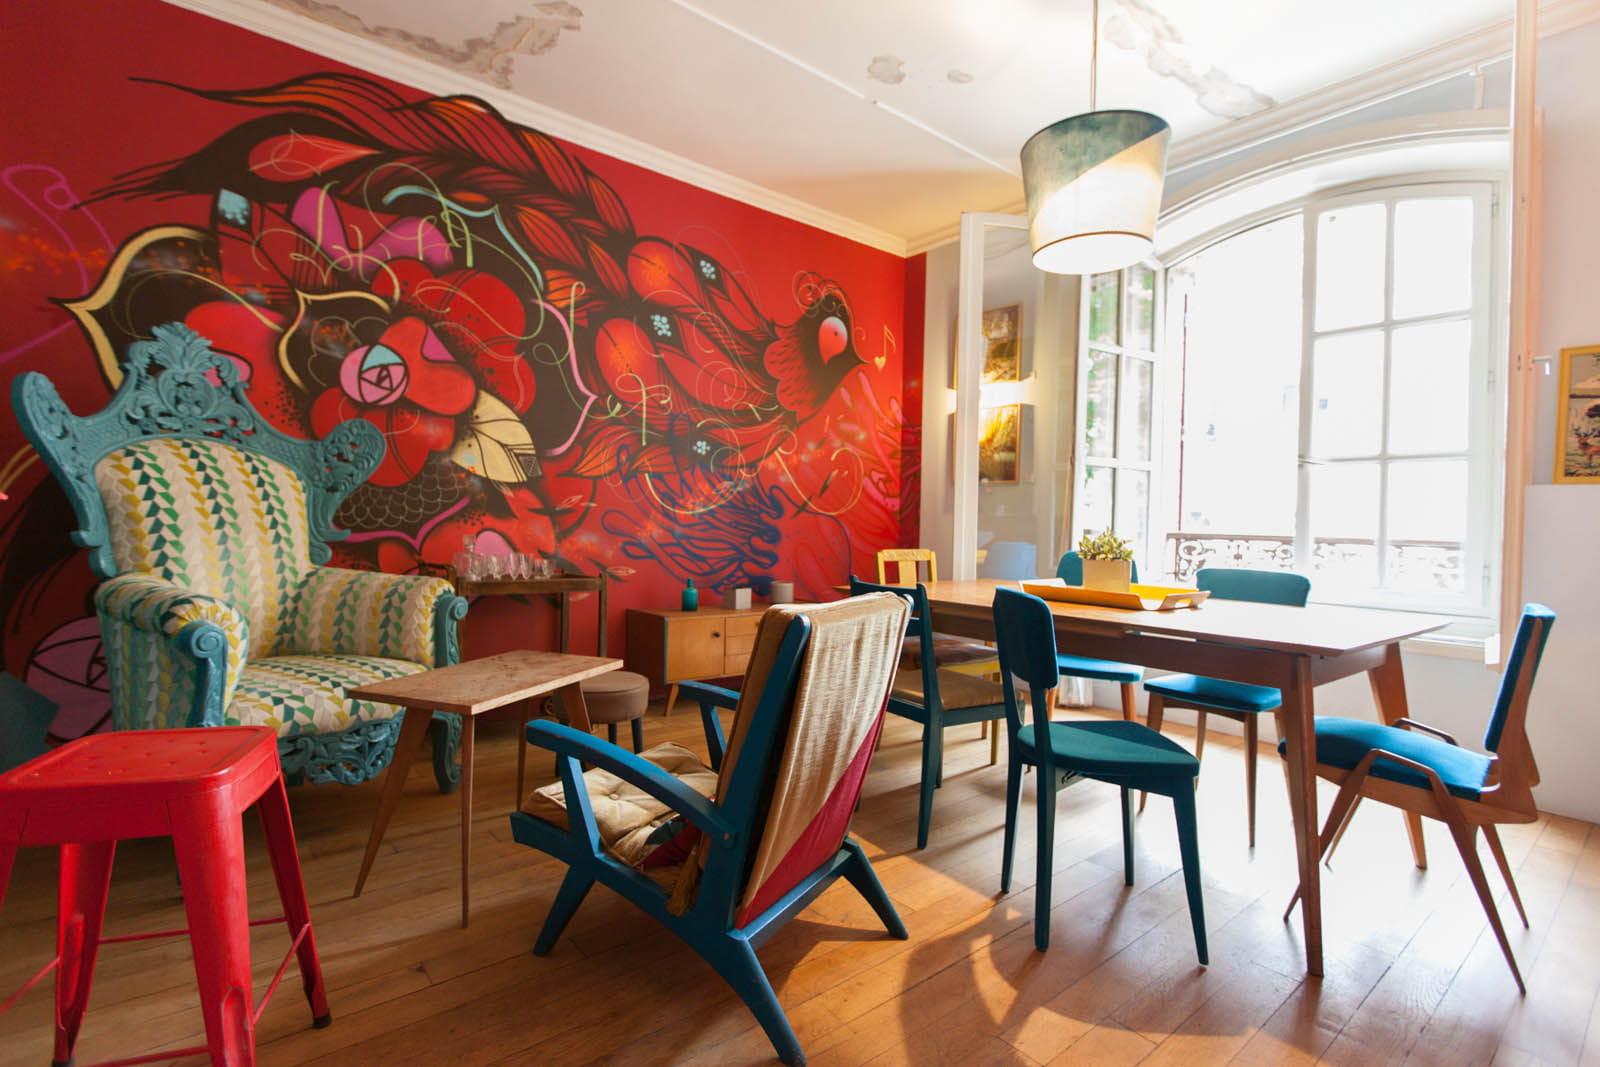 Une grande salle manger aux couleurs vives le pavillon for Grande salle a manger